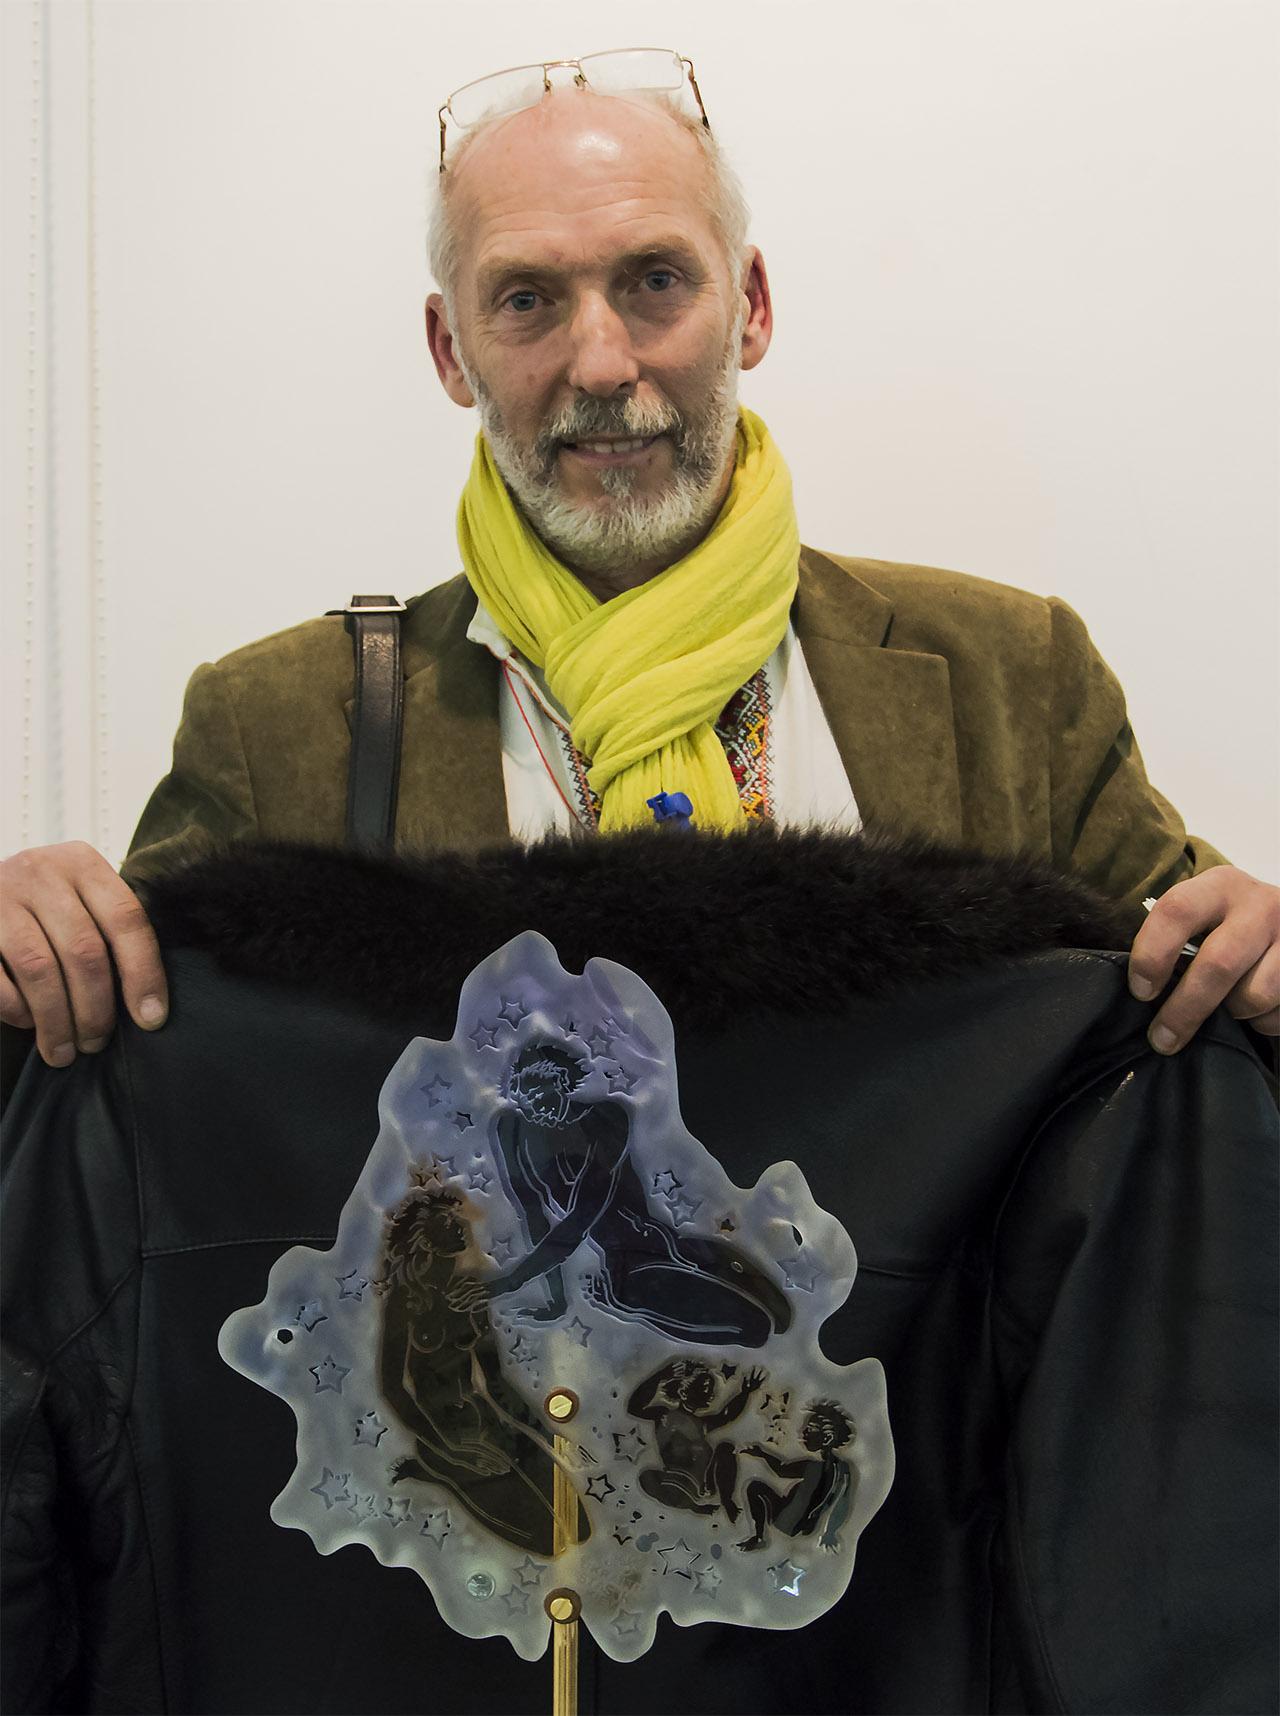 Станіслав Кадочніков демонструє, як виглядатиме його робота на темному тлі. Фото: Ксенія Янко